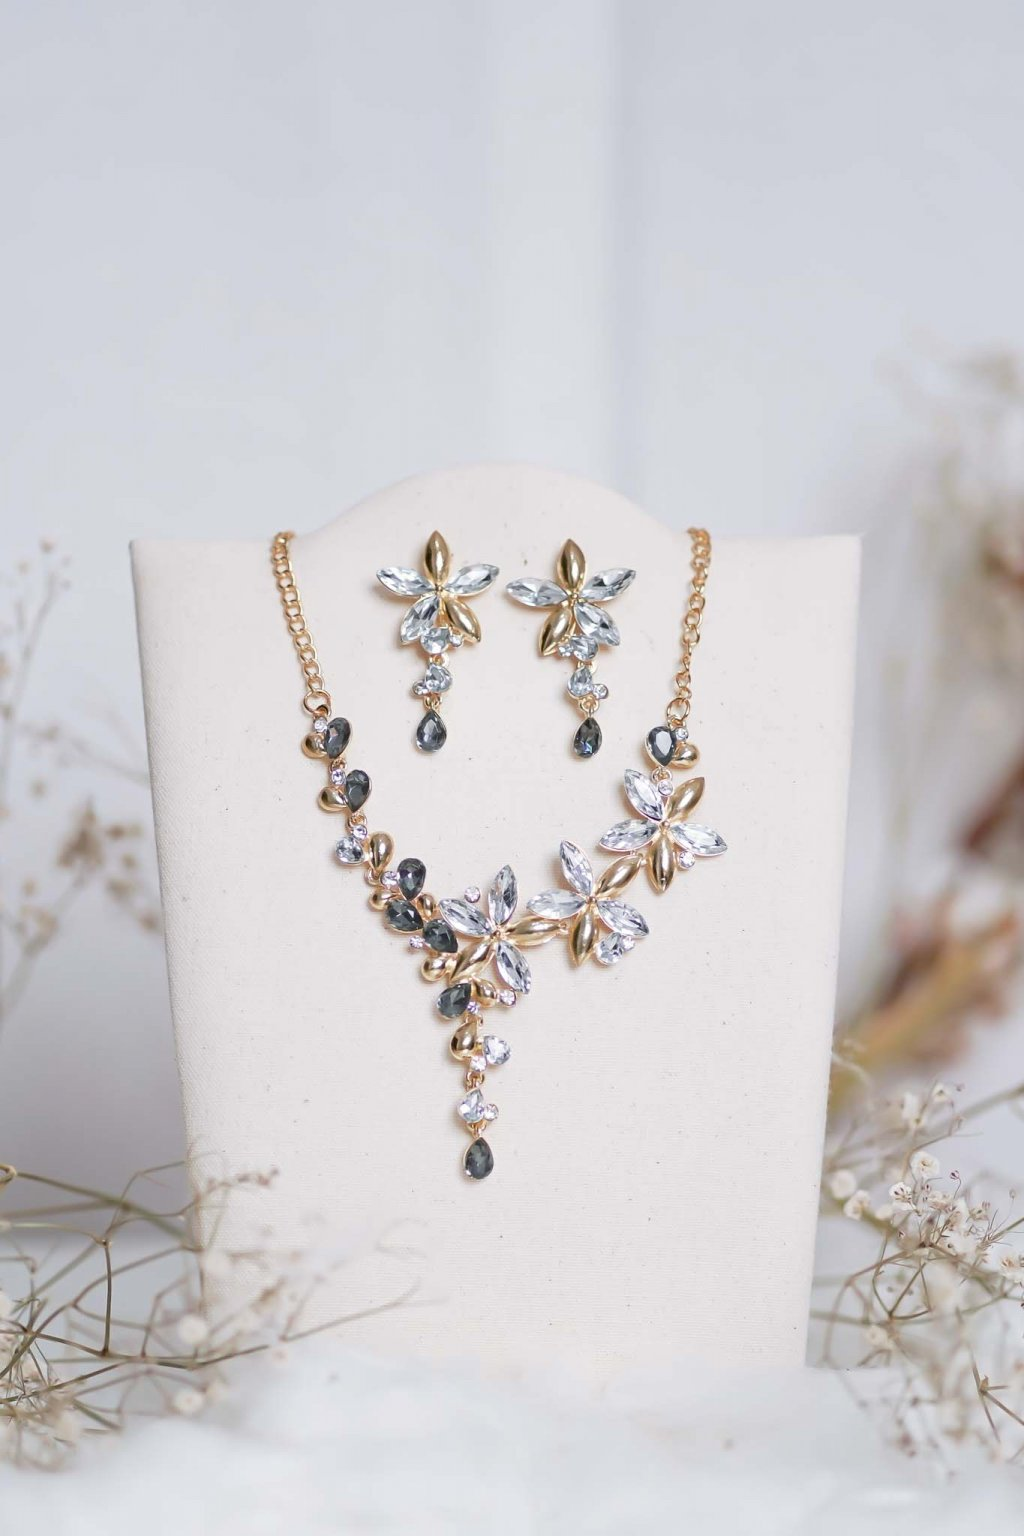 náhrdelník, spoločenský, bežný deň, kamienkový, farebný, čierny, strieborný, zelený, cyklamenévy, náhrdelník, bižuteria, šperk, šperky, ples, stužková, svadba, 073